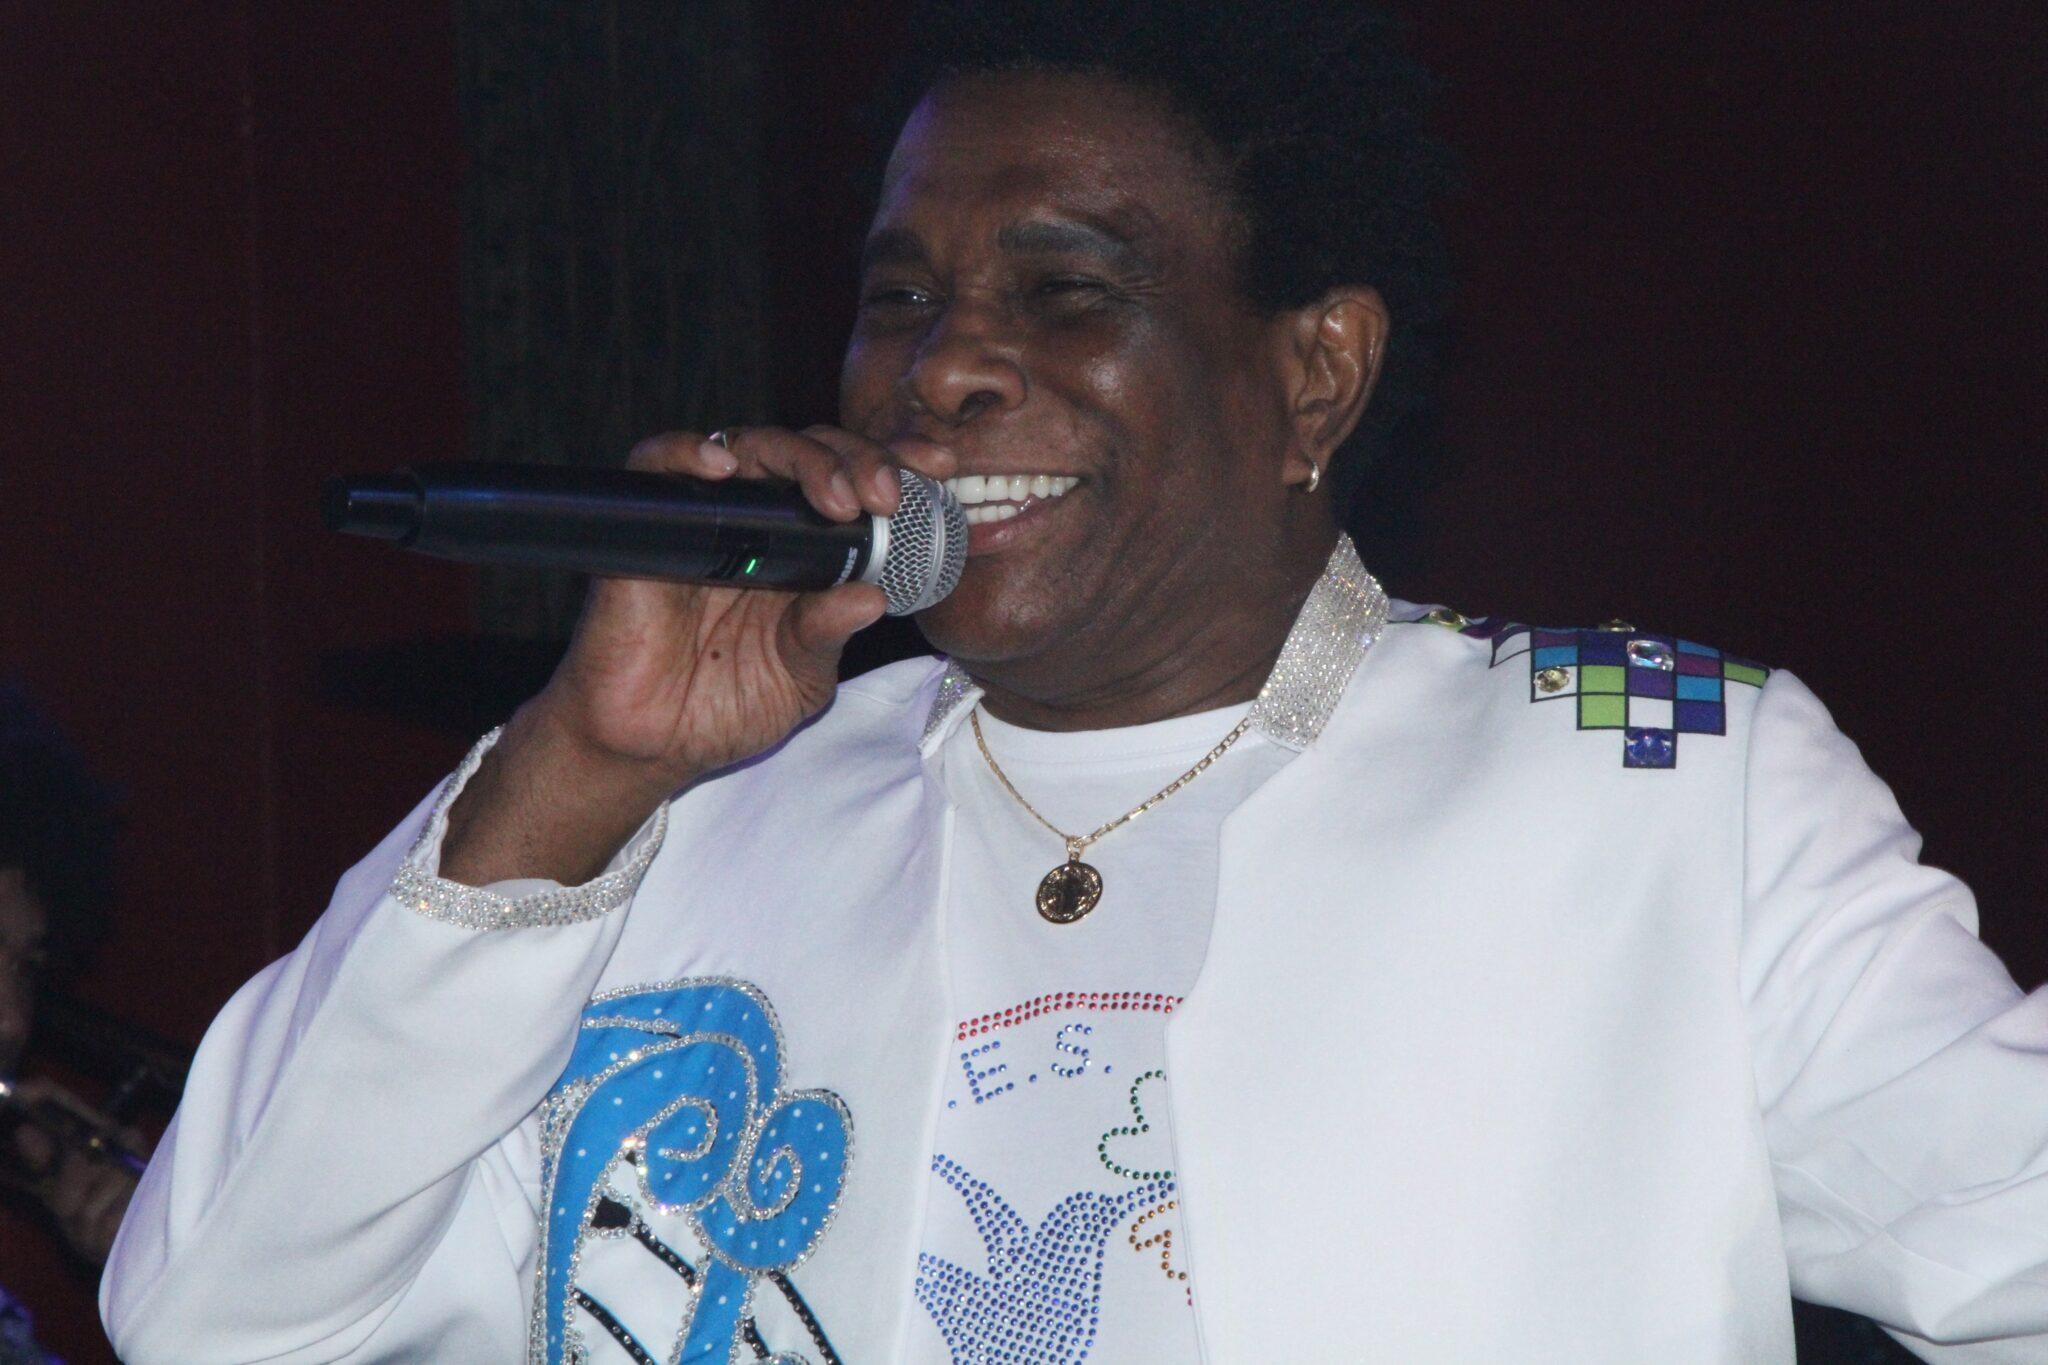 ALBUM: Neguinho da Beija-Flor, Los Angeles – Feb. 24th